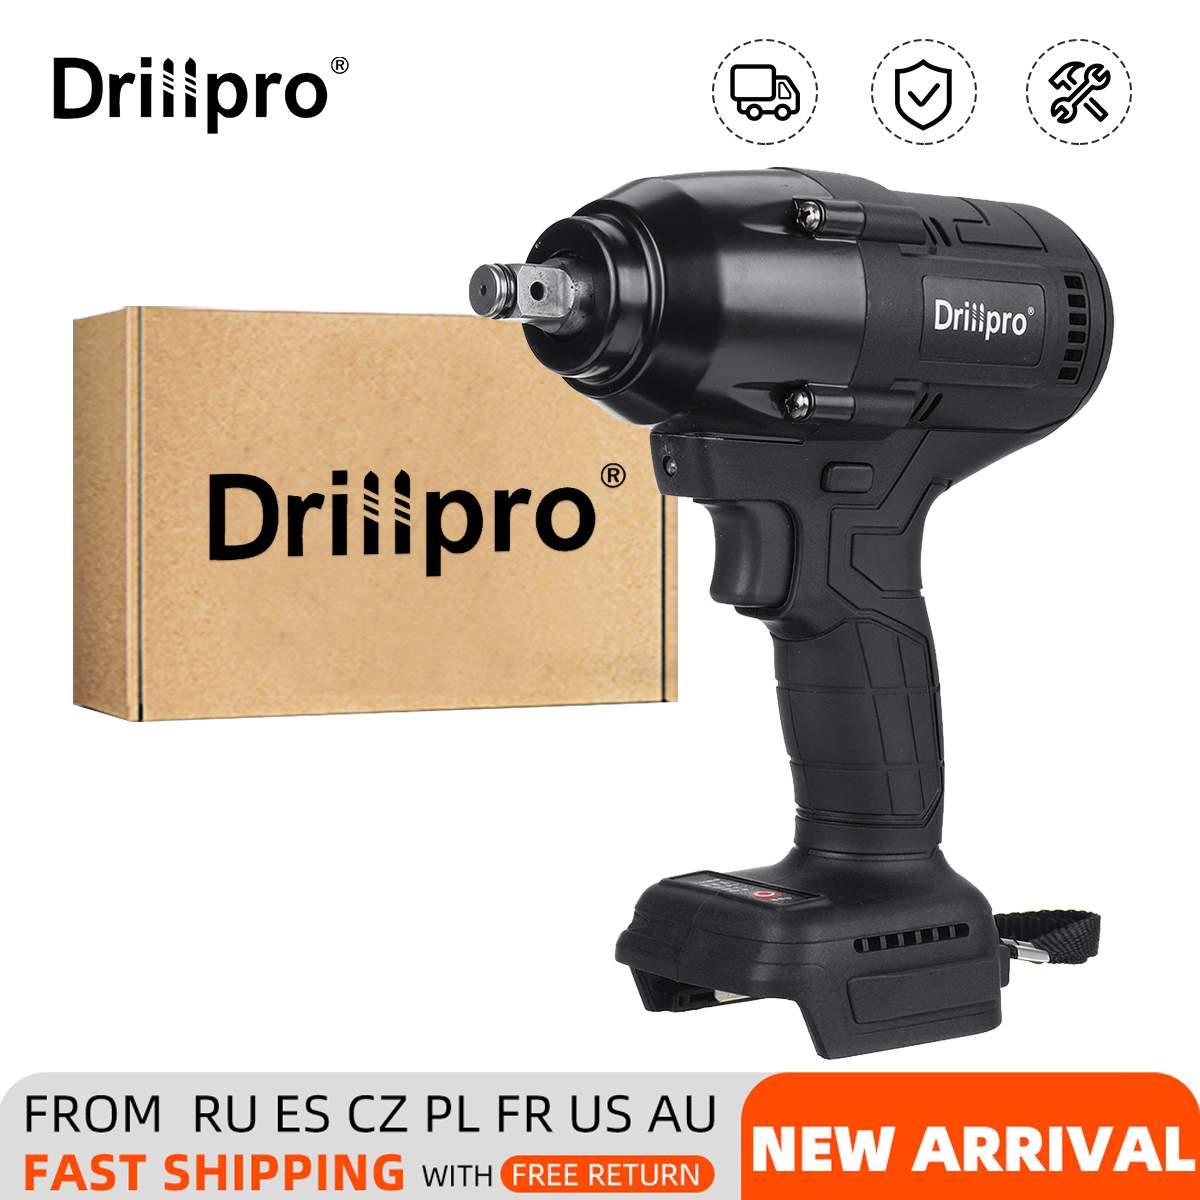 Drillpro 800N.M فرش مفتاح برغي كهربائي قابلة للشحن 1/2